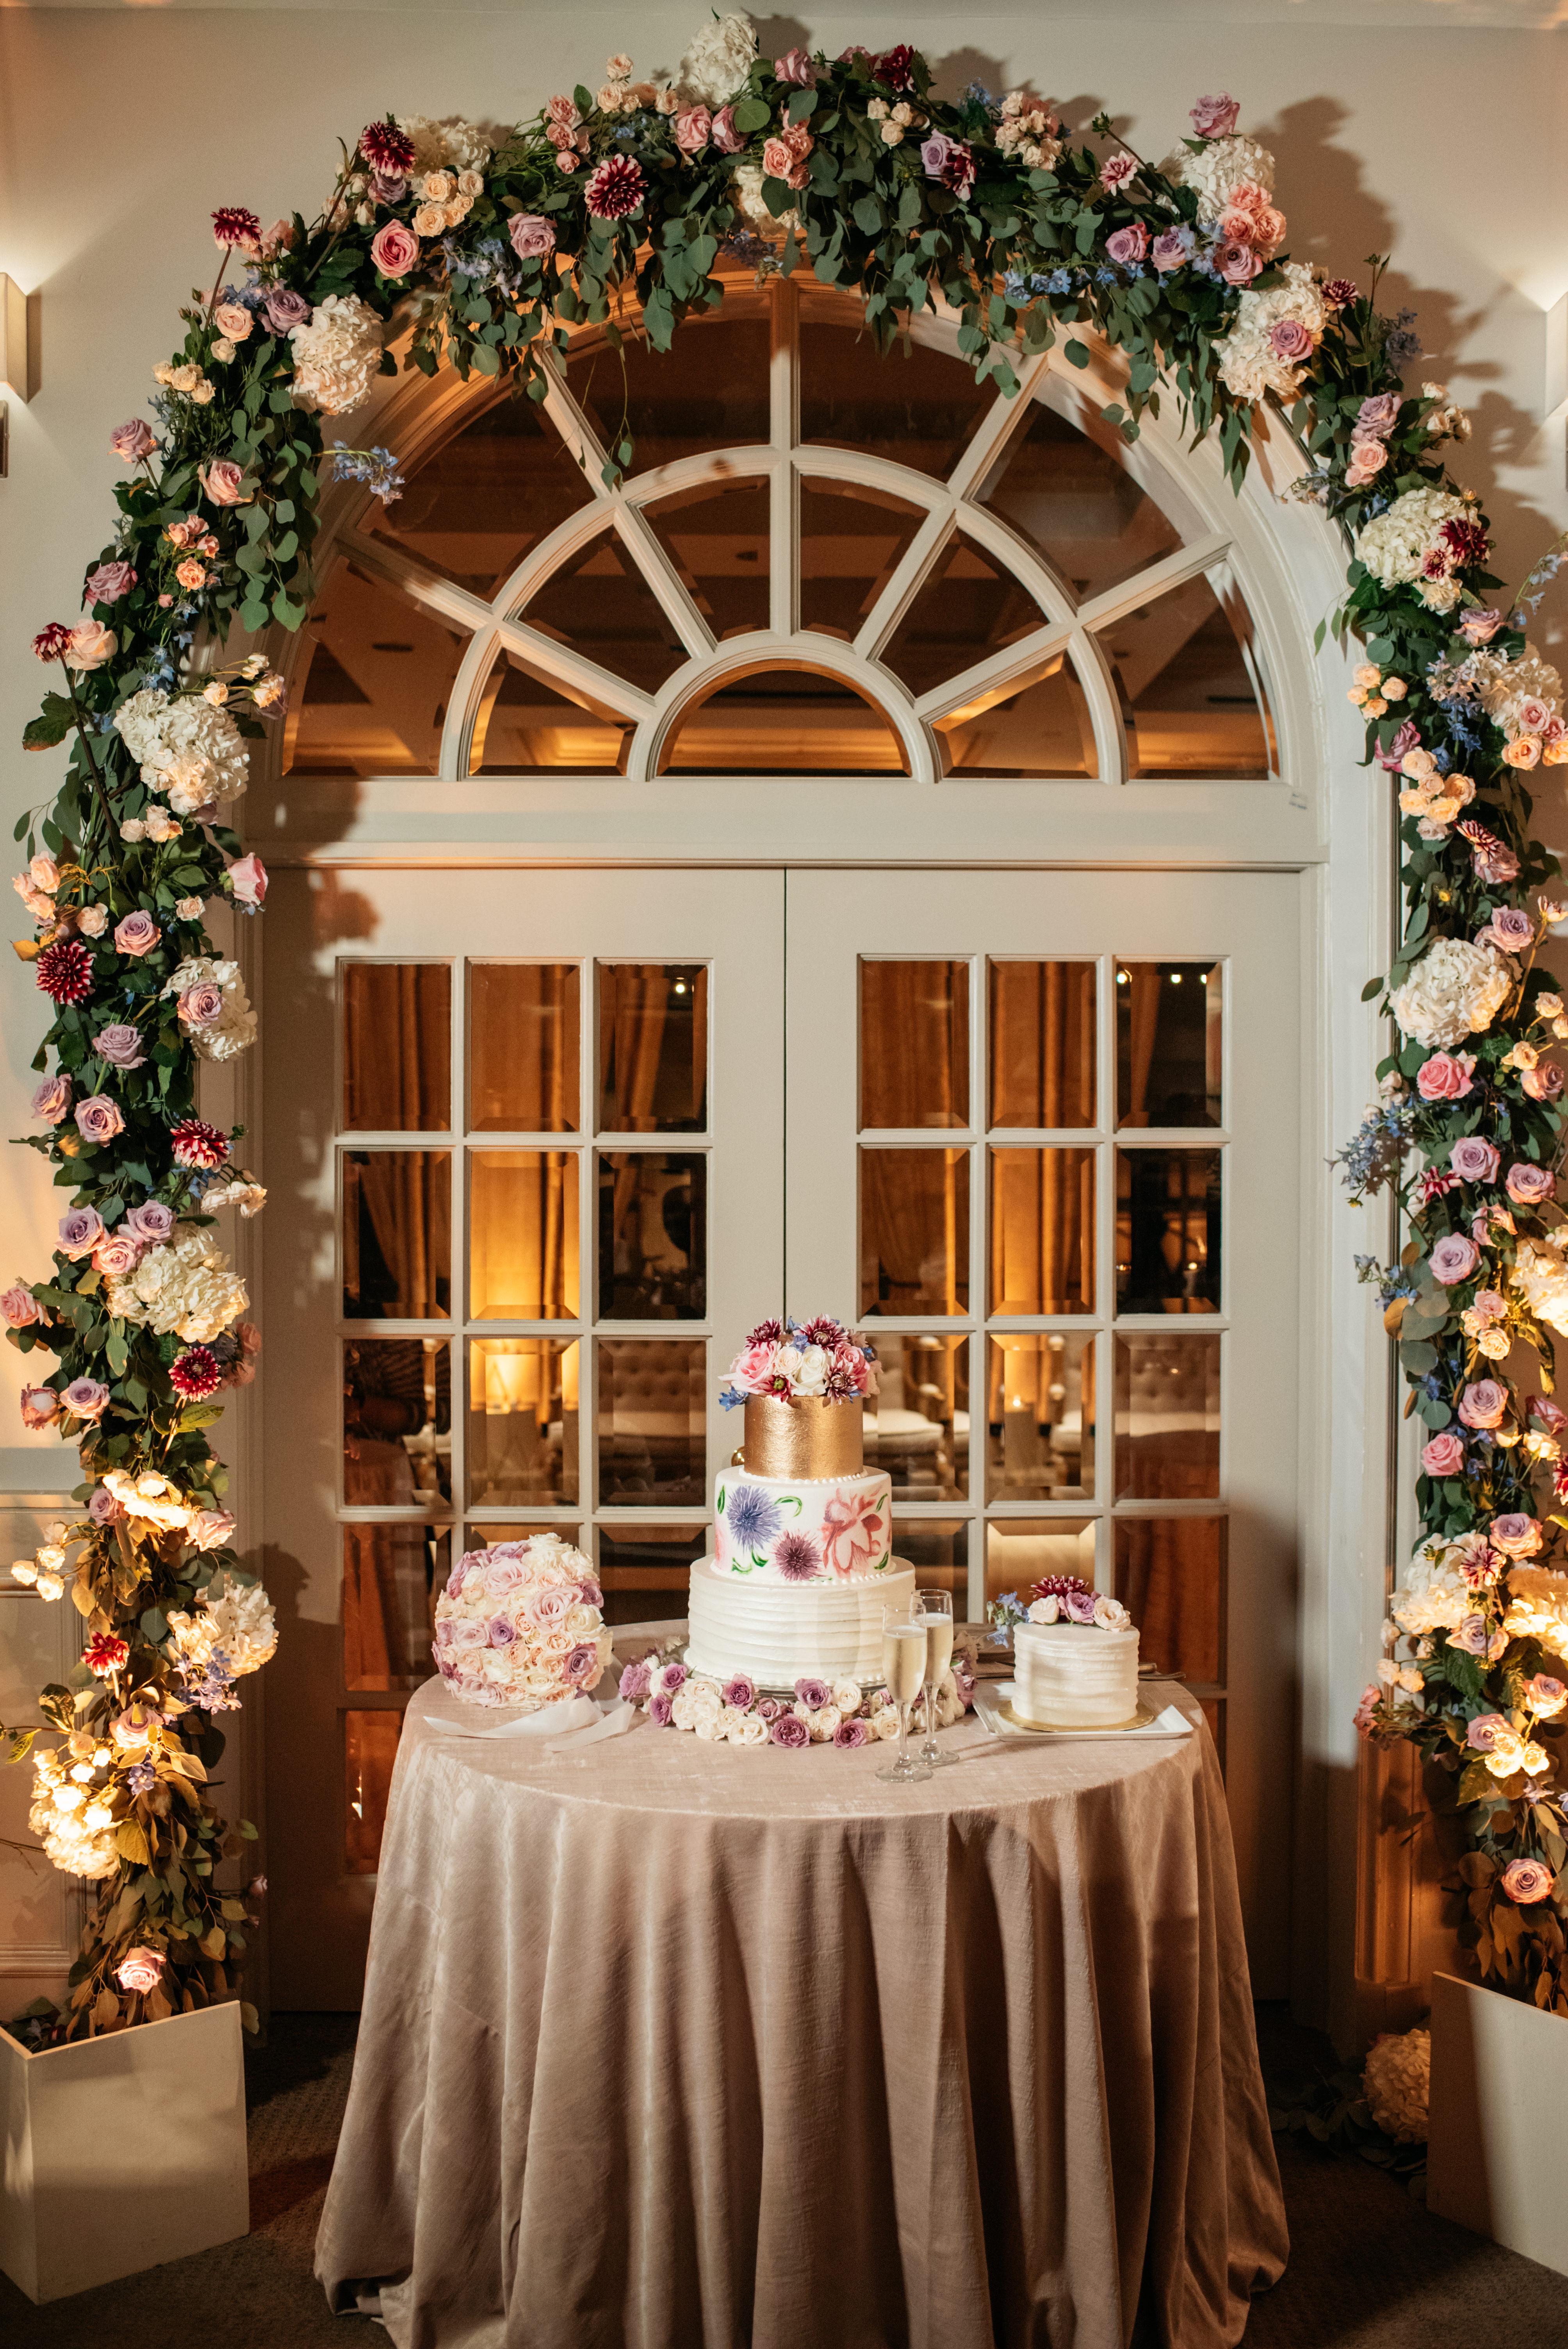 1225-G&A-wedding-DLB_8934